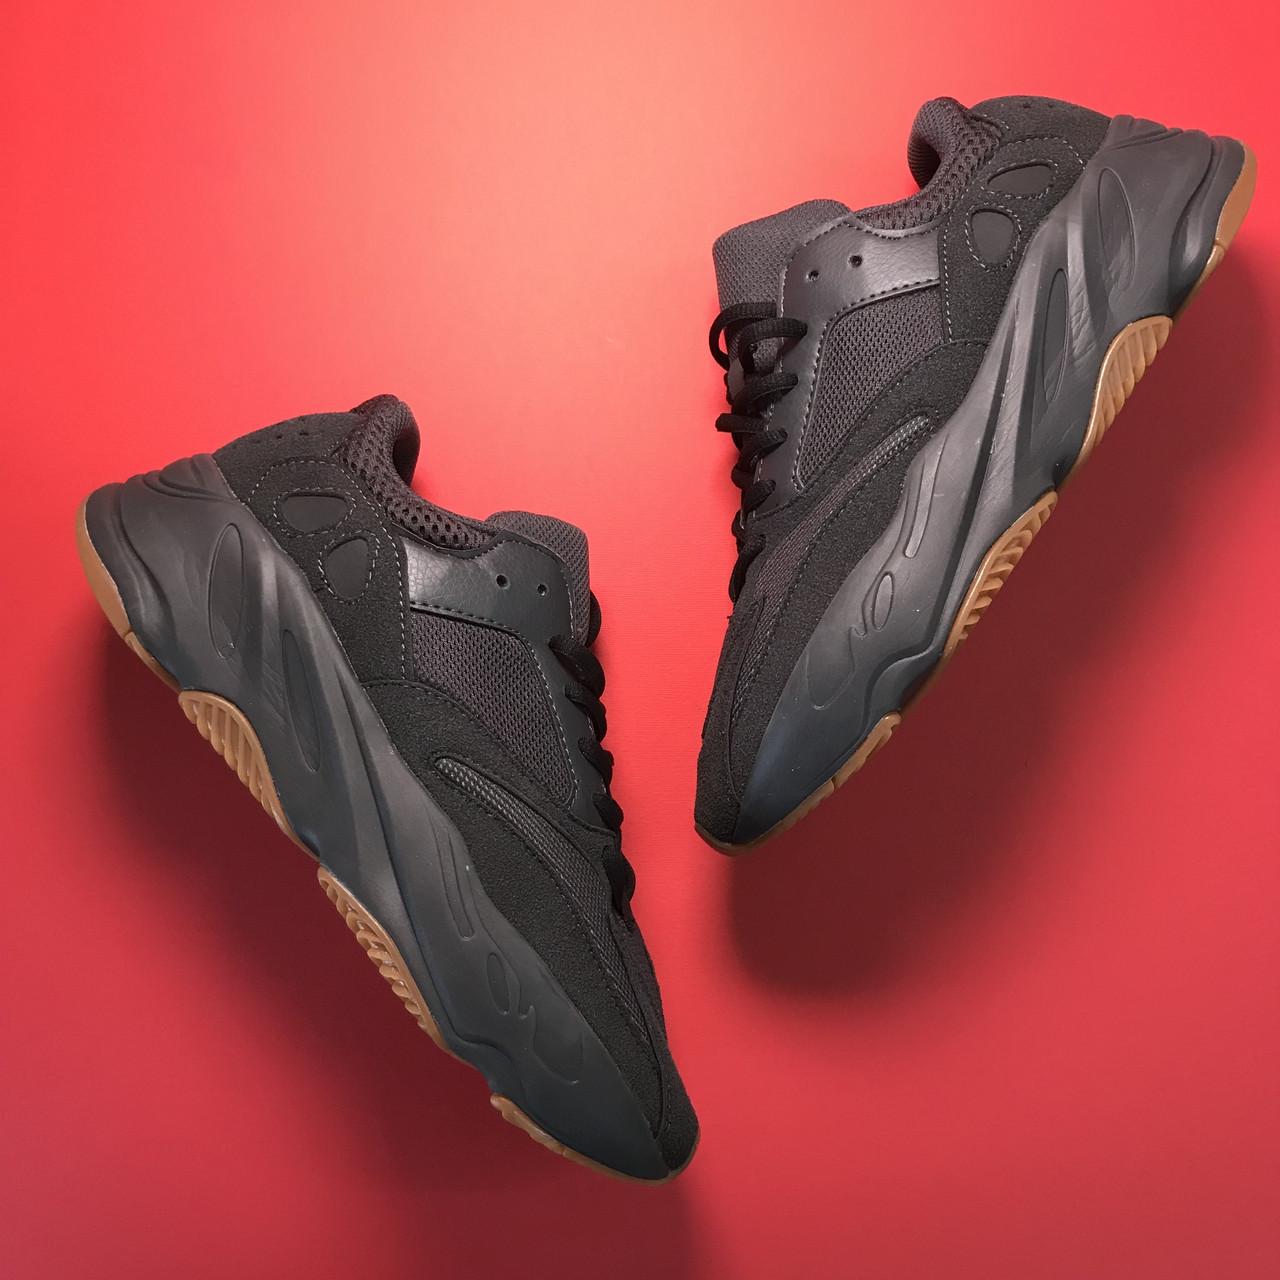 Кроссовки Adidas Yeezy Boost 700 Utility Black, кроссовки адидас изи буст 700